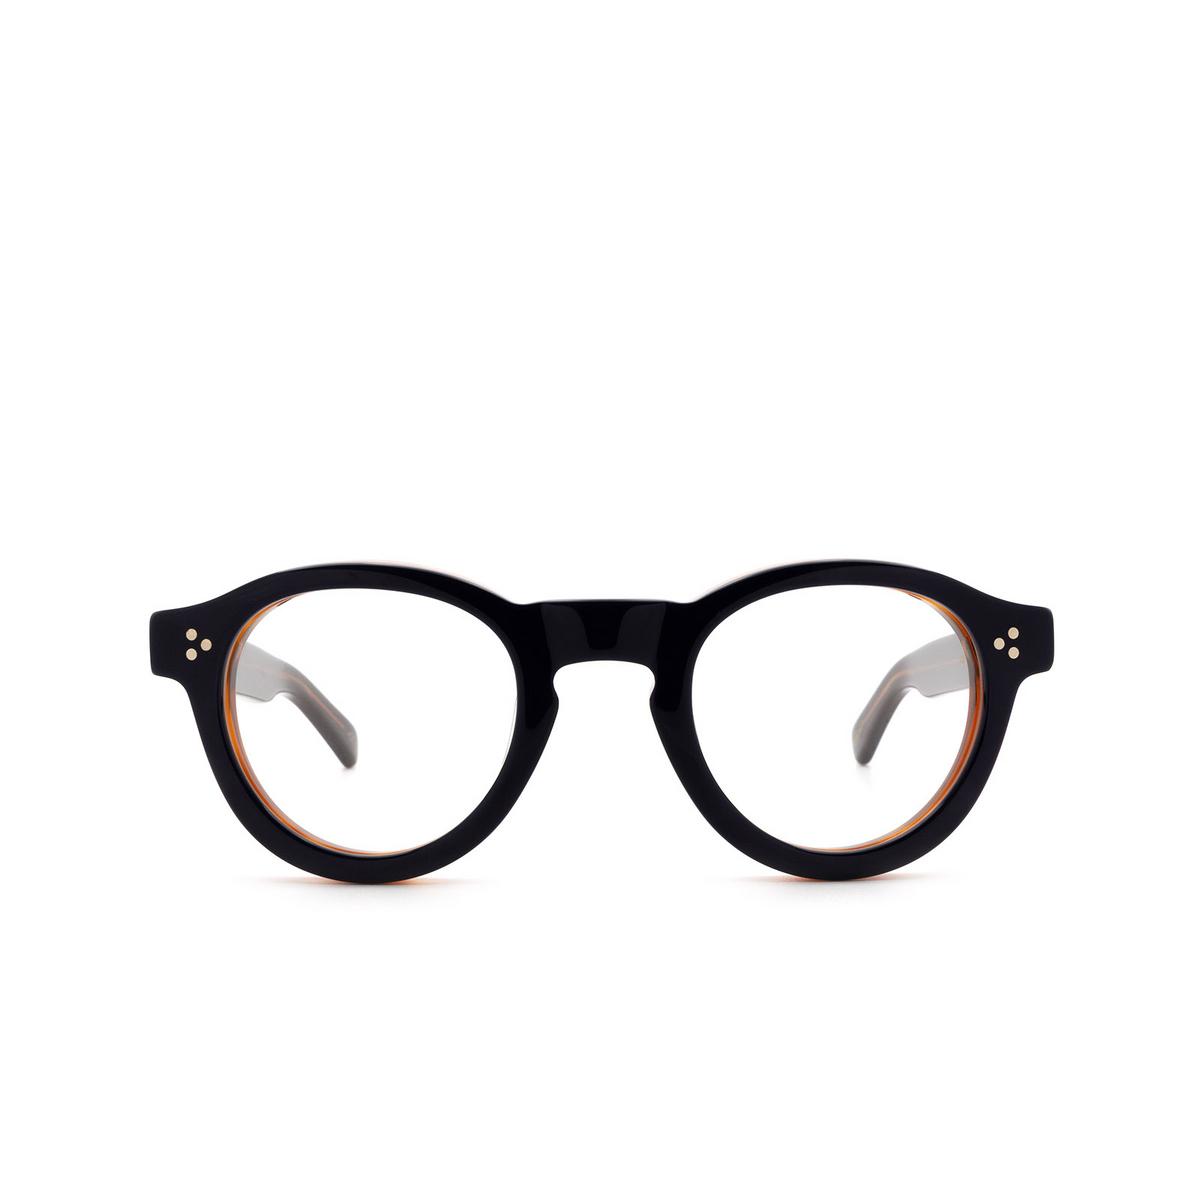 Lesca® Round Eyeglasses: Gaston Optic color Bleu / Cognac 30 - front view.